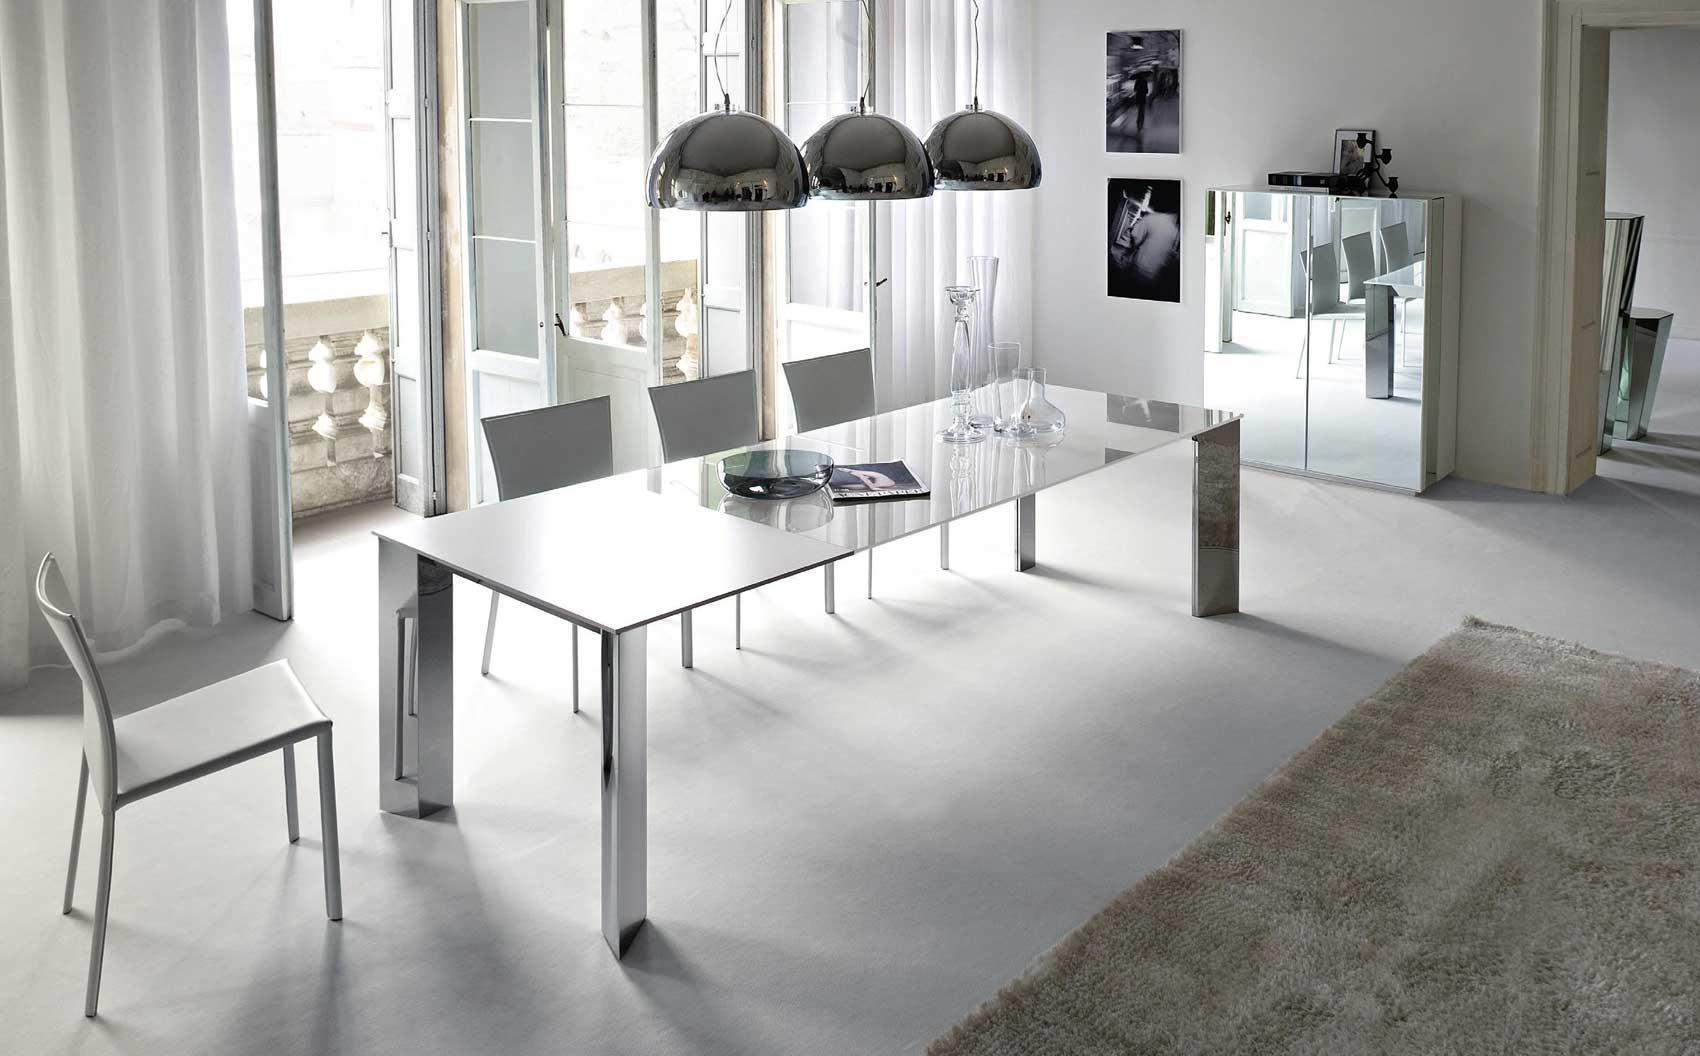 sala-de-jantar-grande-e-elegante